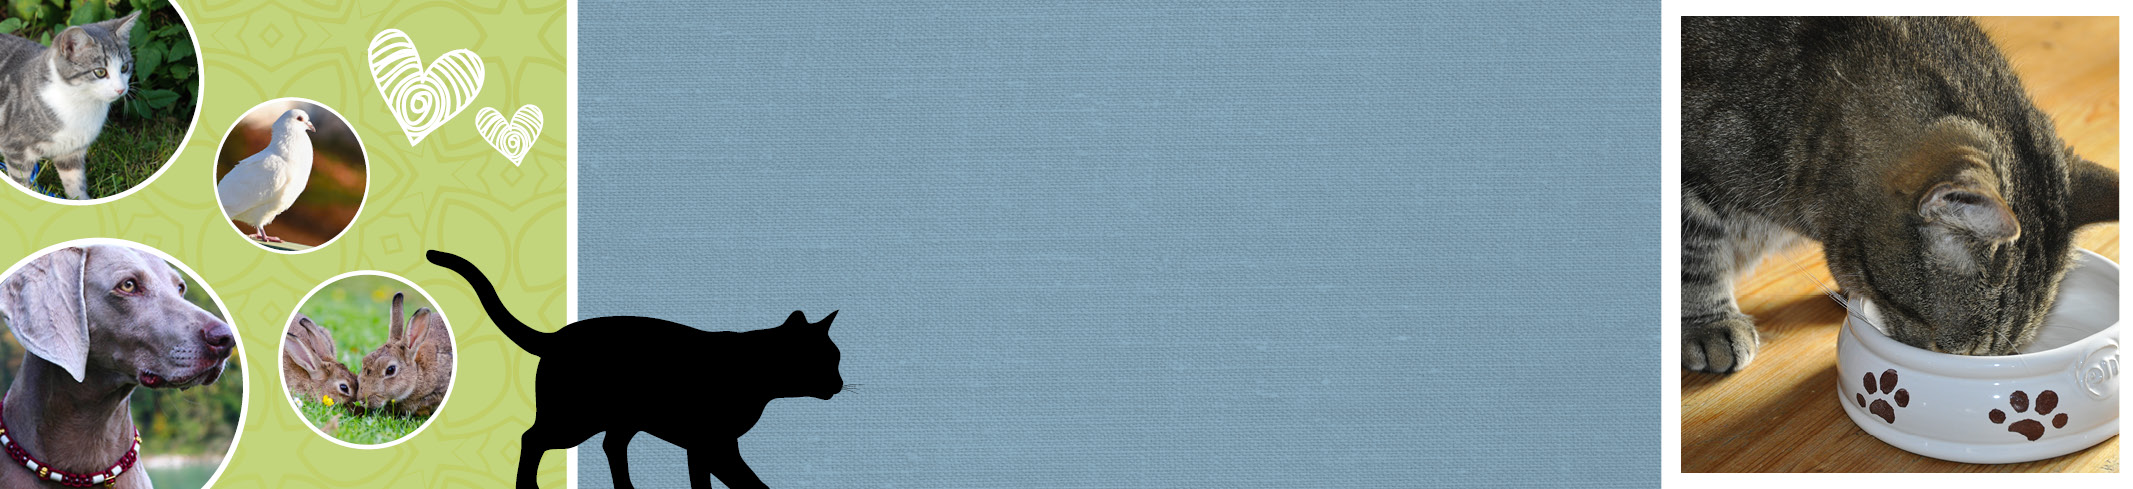 Pflege der Haustiere mit effektiven Mikroorganismen. Natürliche erste Hilfe für Hund, Katze & Co.